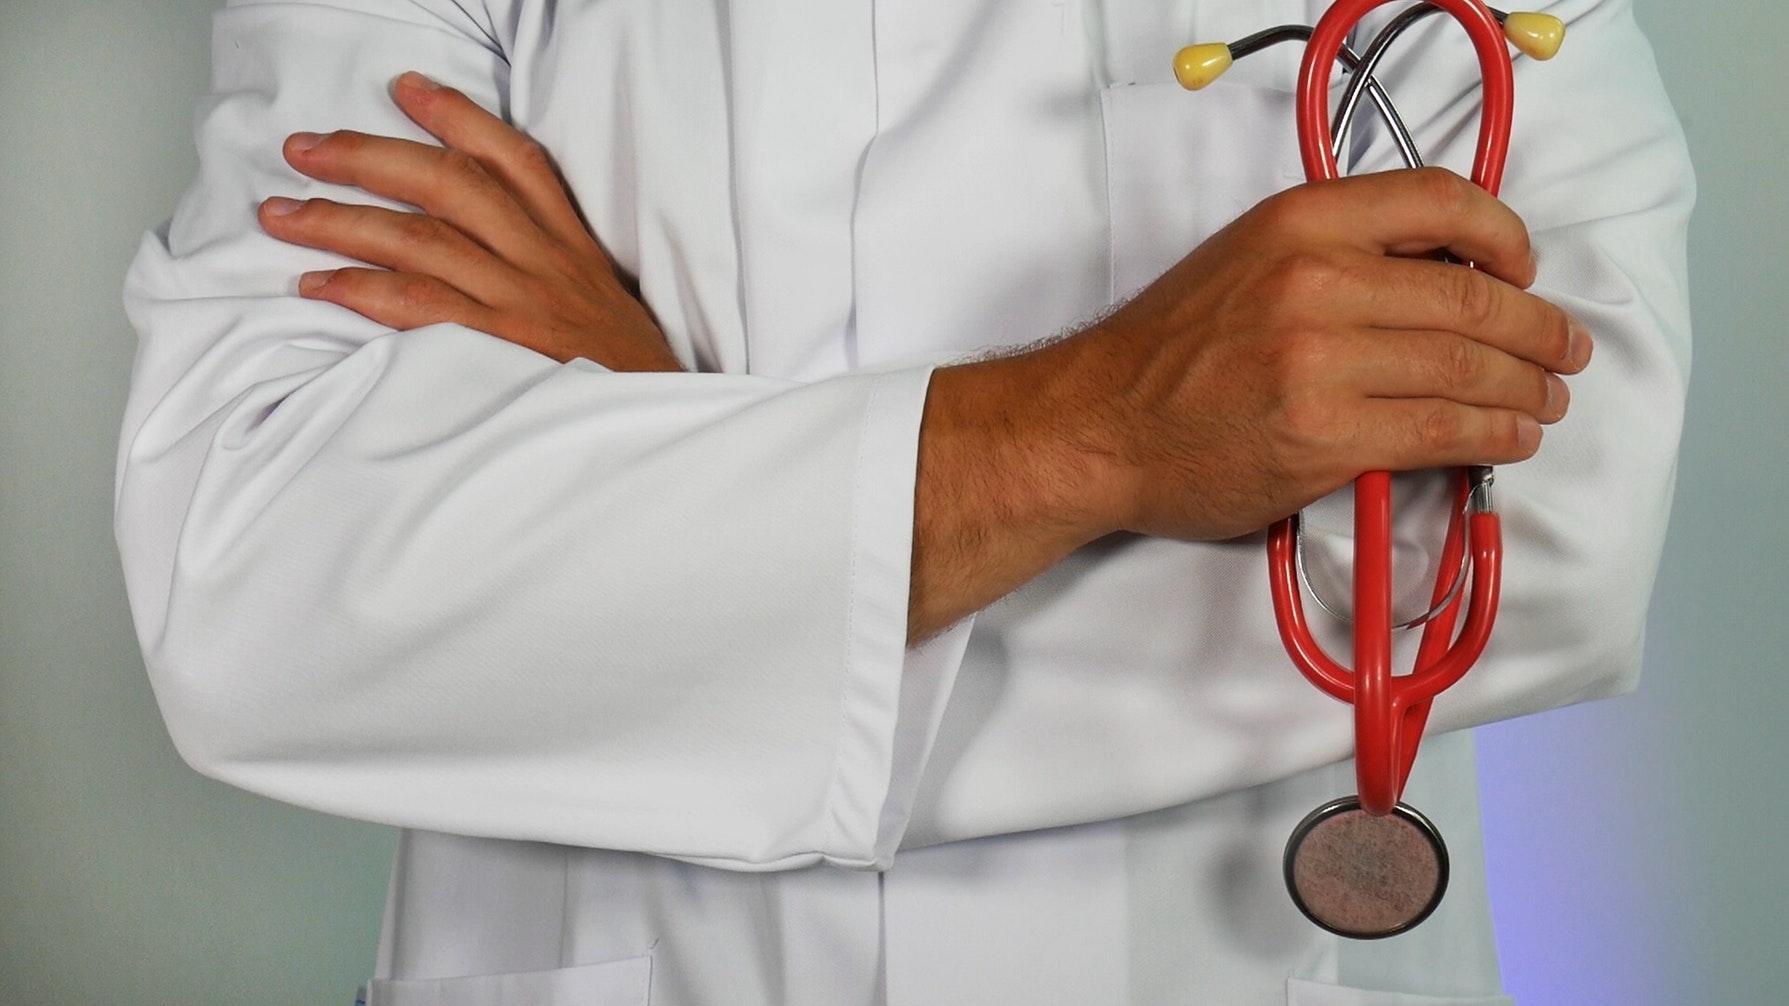 """Así debería ser la """"Aseguradora ideal"""" en materia de salud"""